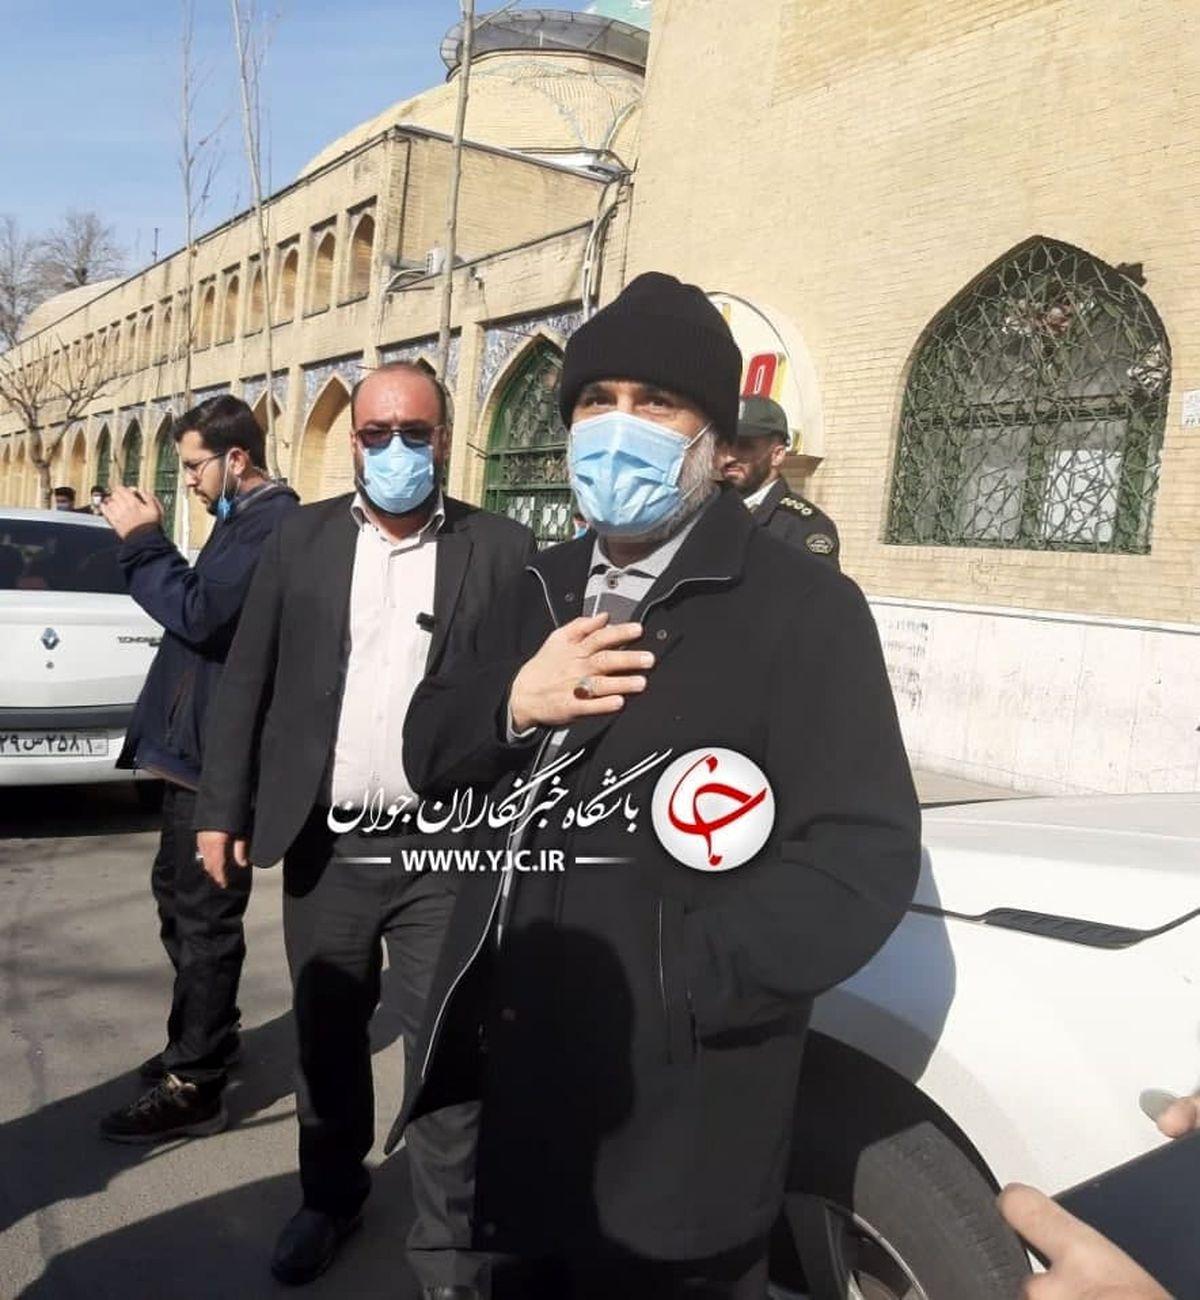 عکس: سردار حاجی زاده در مراسم راهپیمایی ۲۲ بهمن